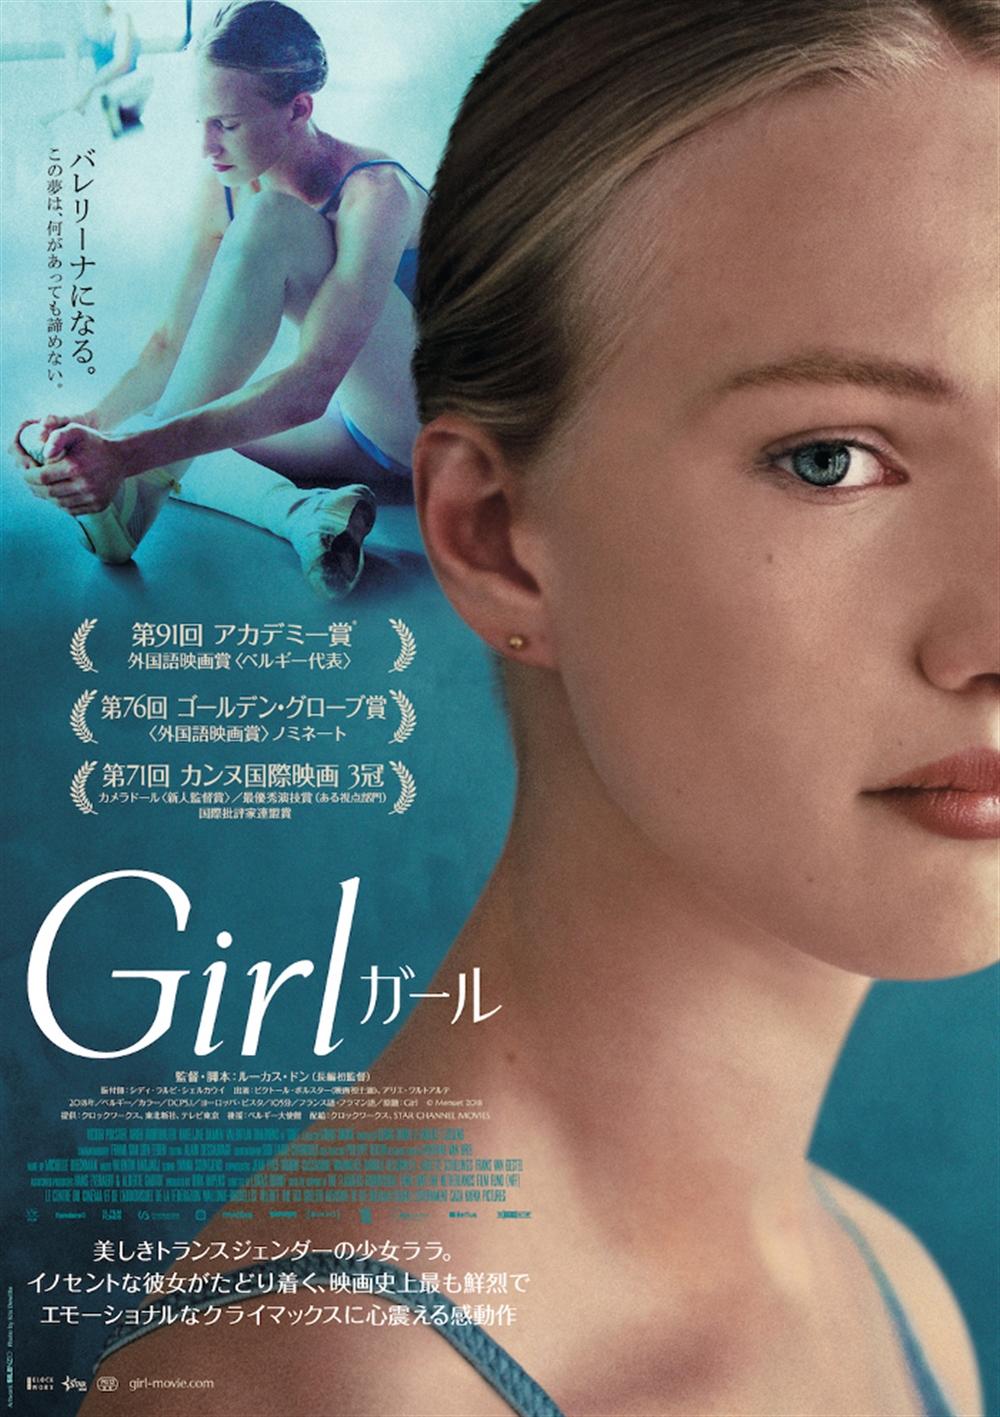 【画像】映画『Girl/ガール』ポスタービジュアル